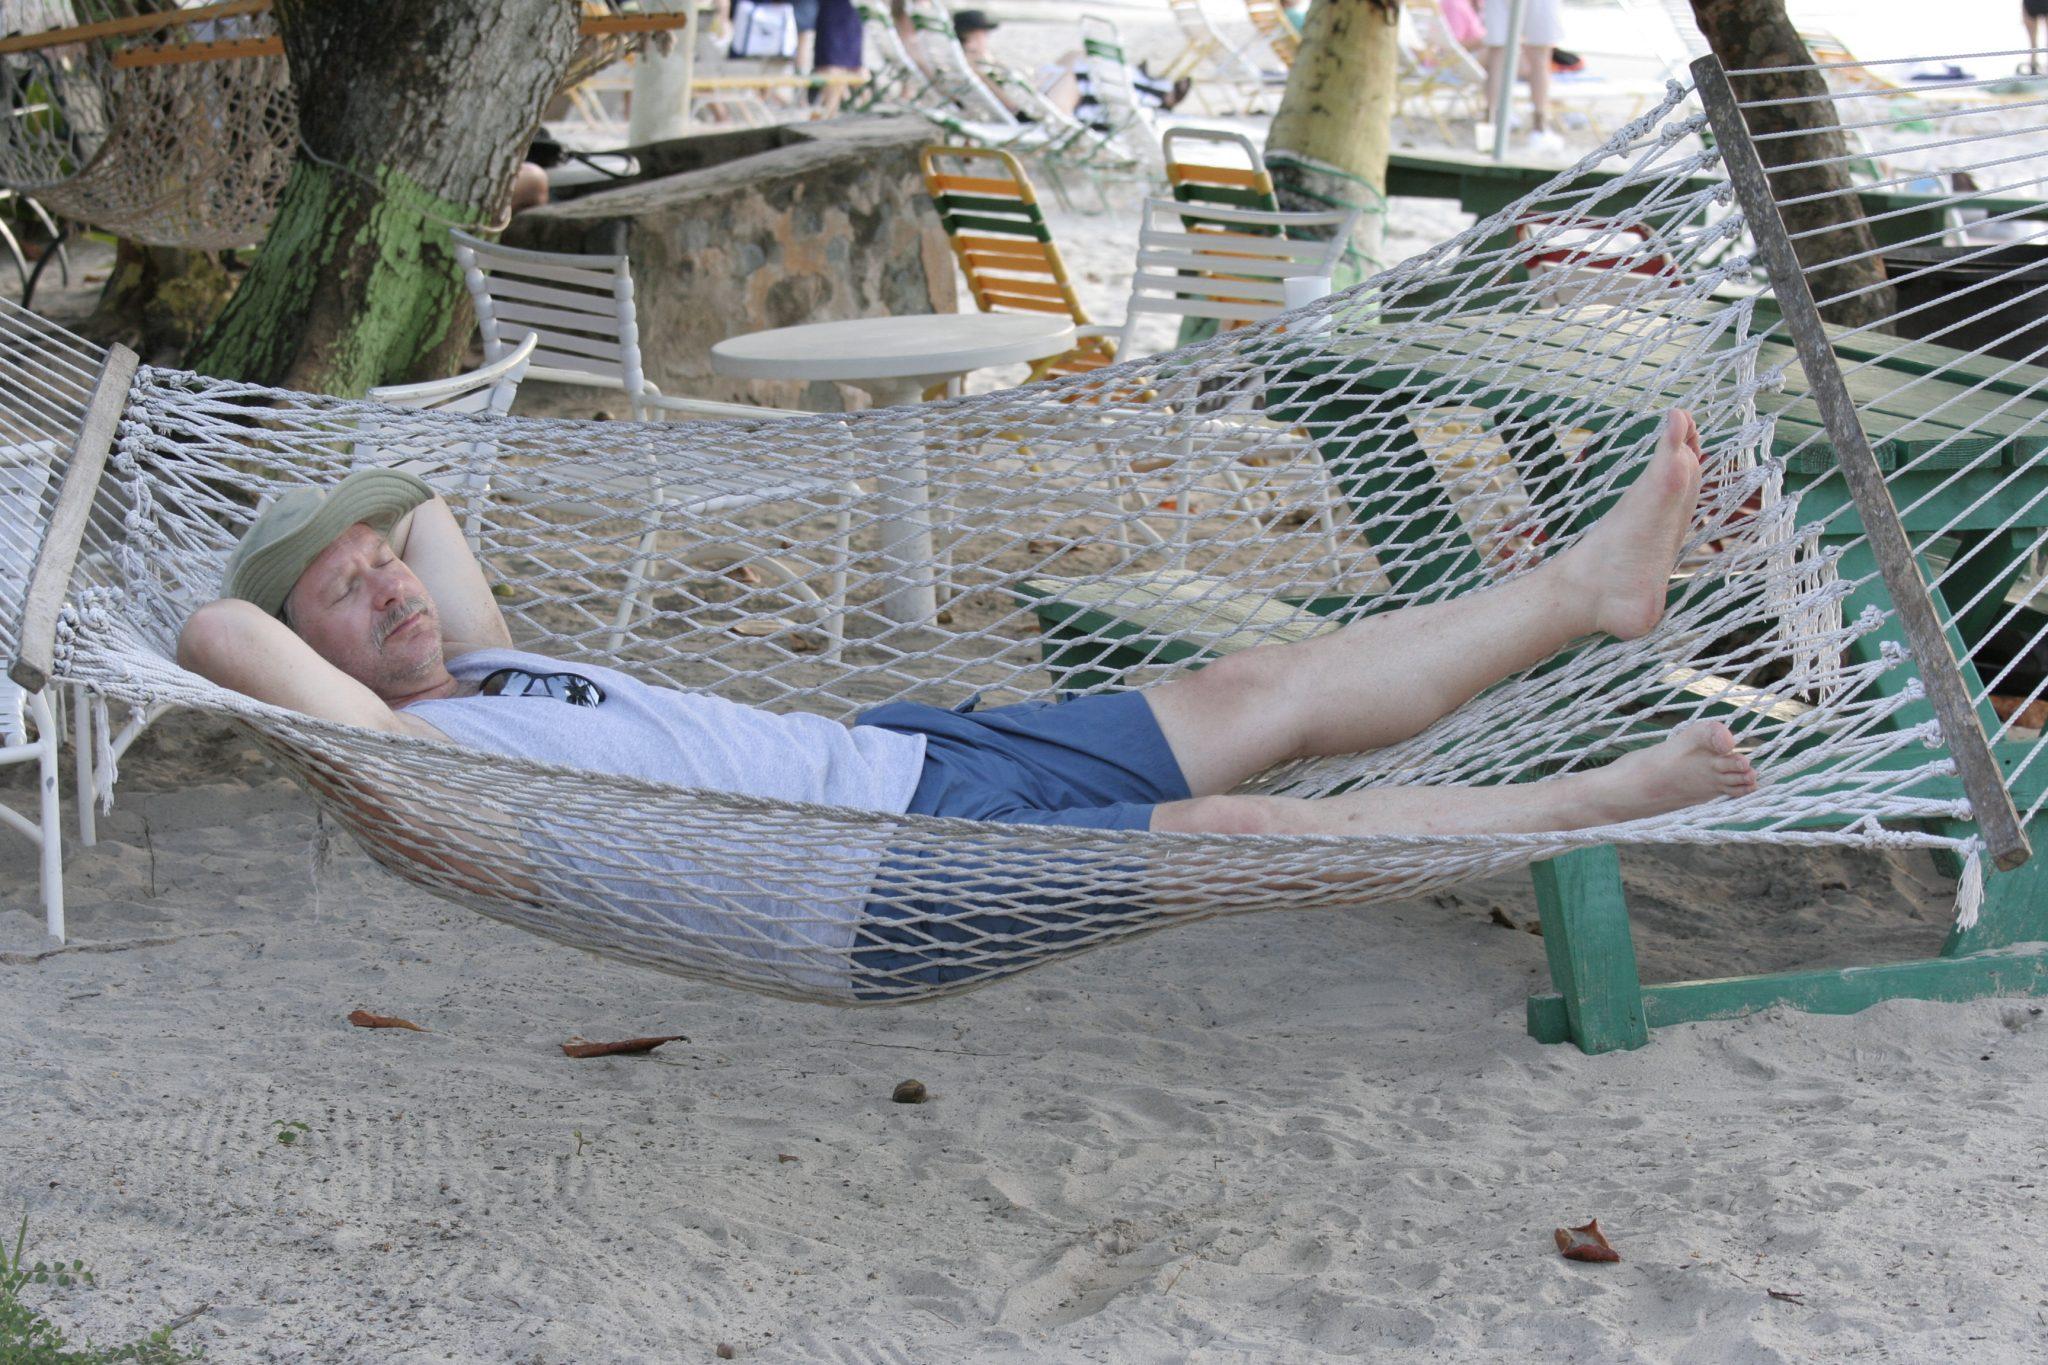 Scott in hammock